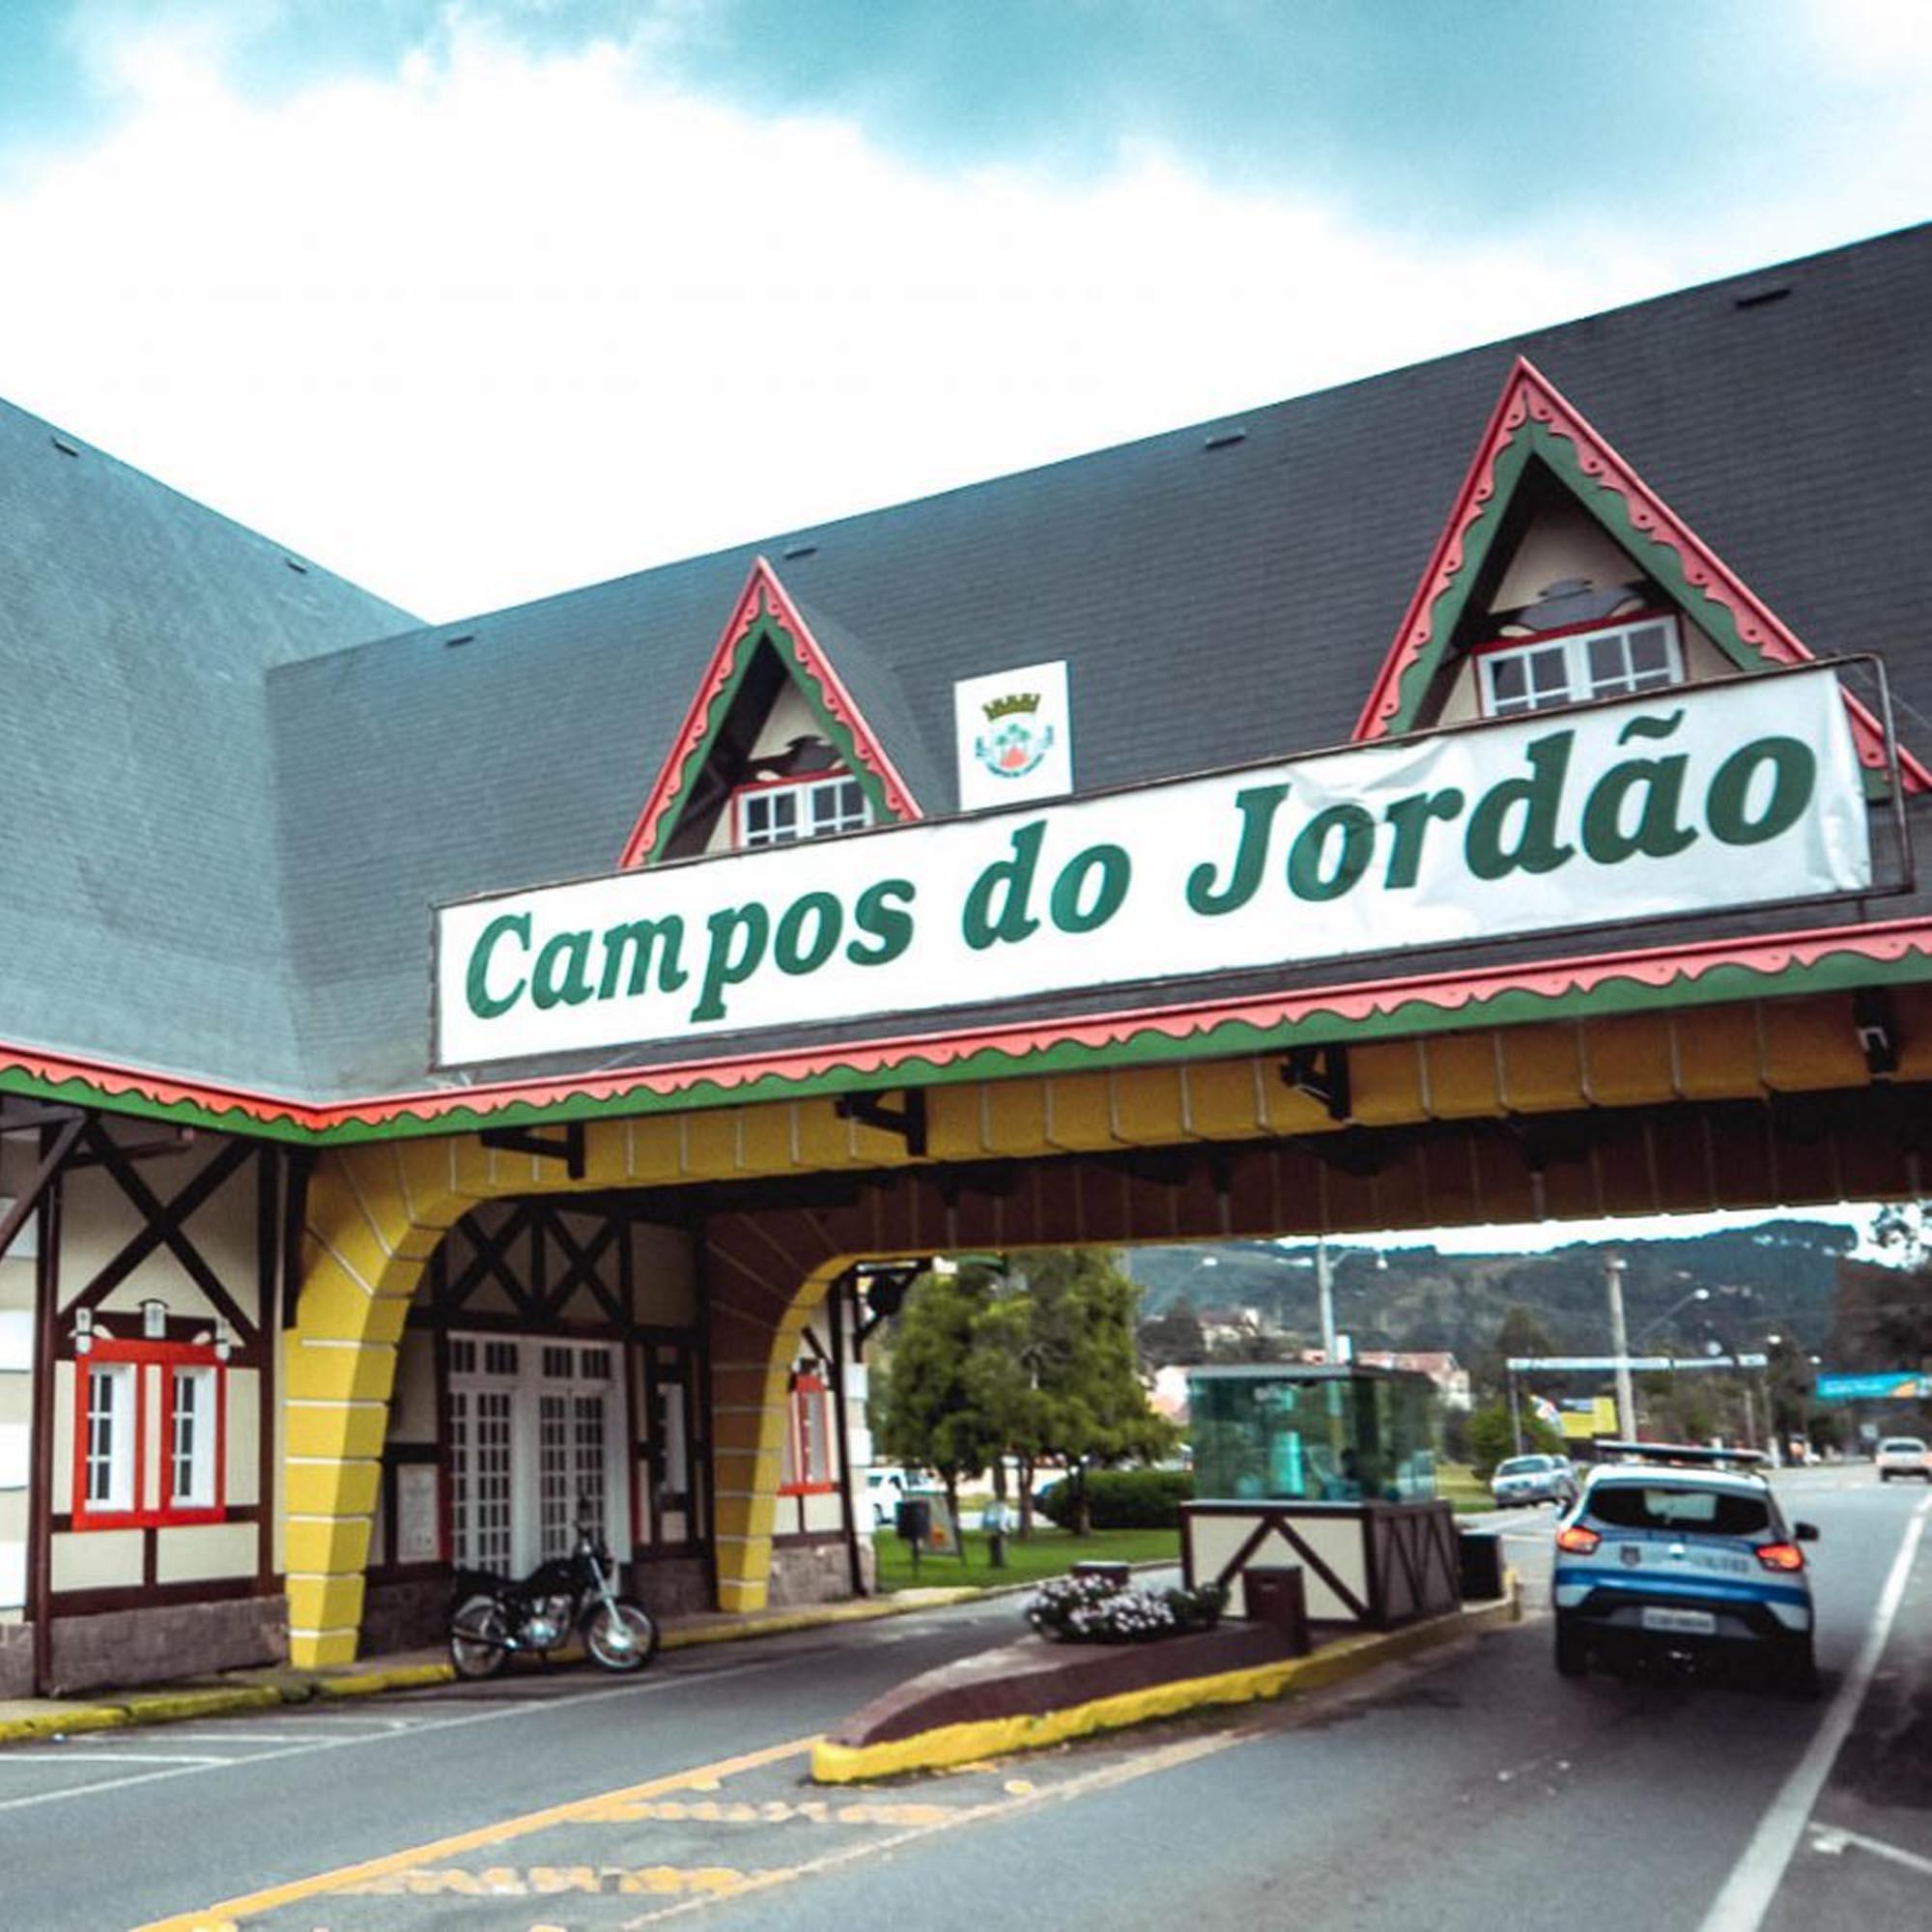 CAMPOS DOS JORDÃO (18 DE DEZEMBRO)  - Offtur Viagens e Turismo